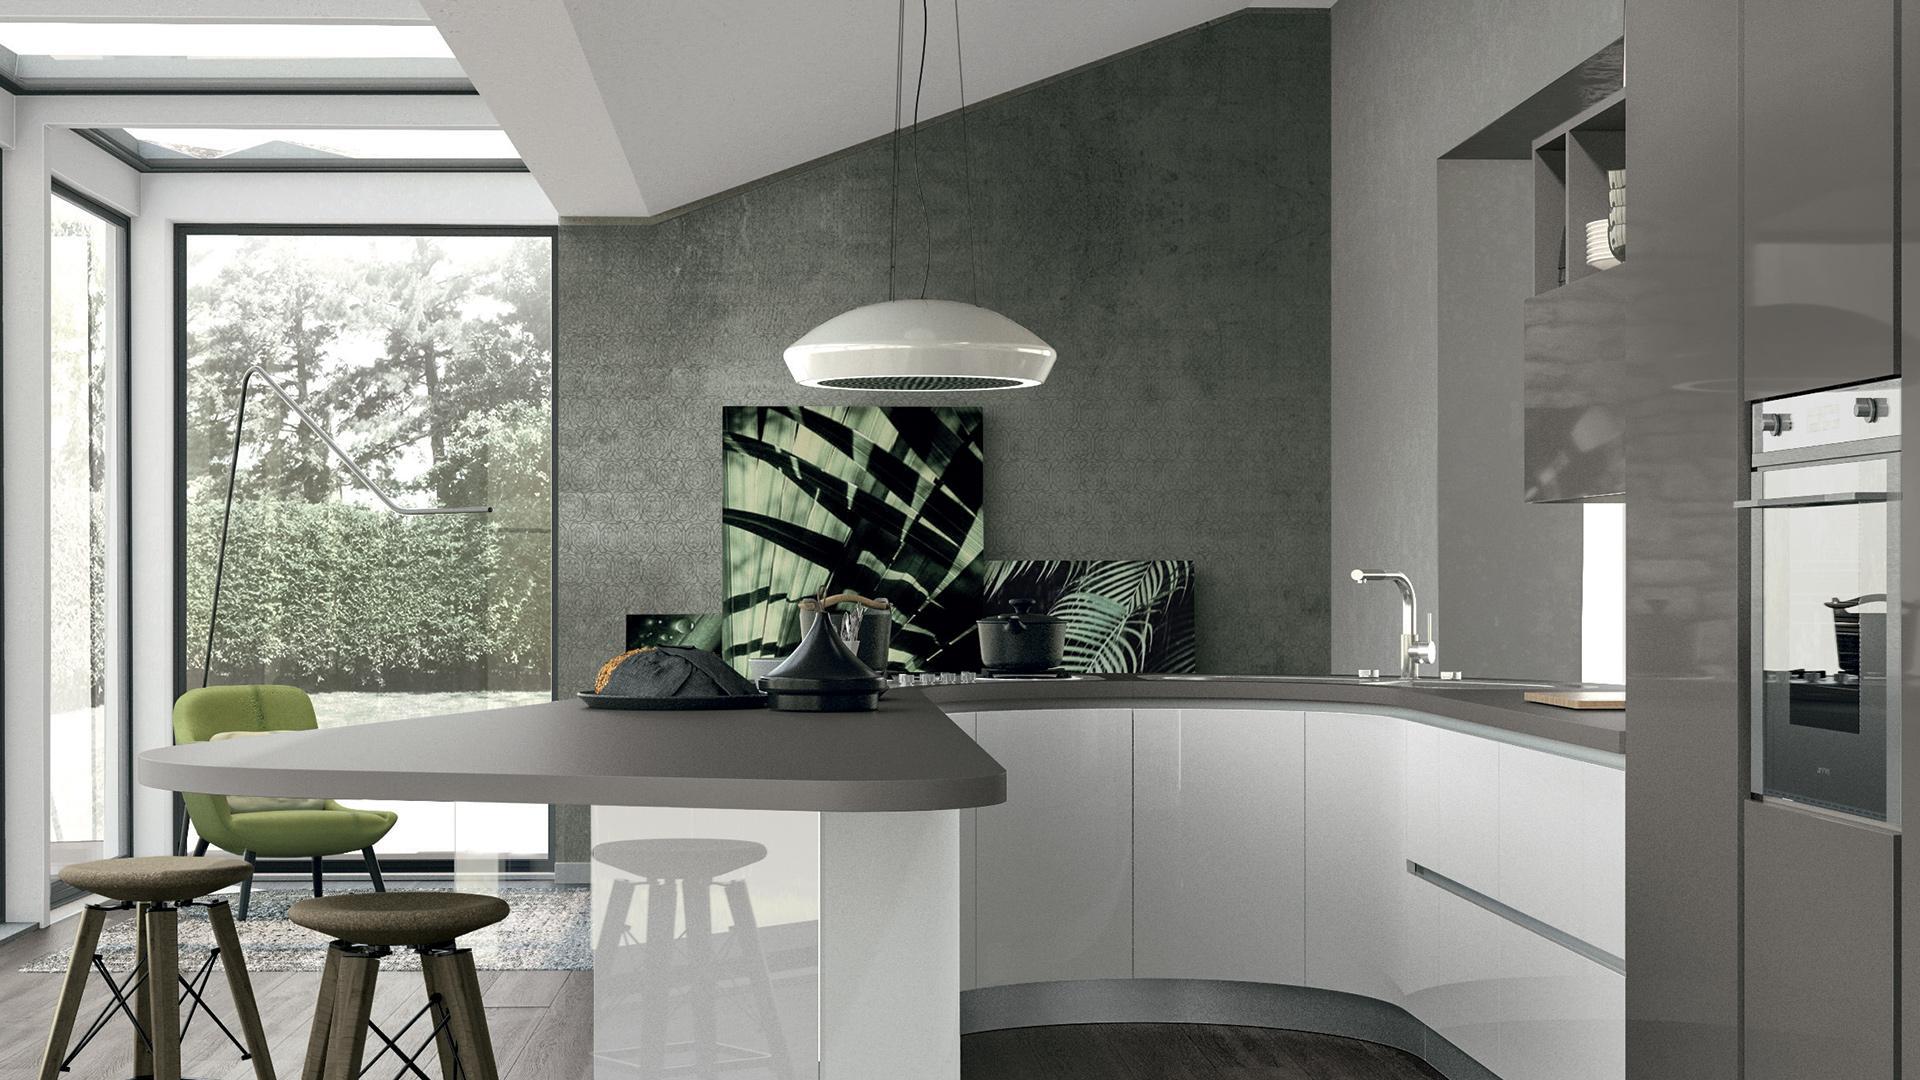 Cucina Moderna Nuova.Le Nuove Cucine Moderne Lube Store Milano Le Cucine Lube